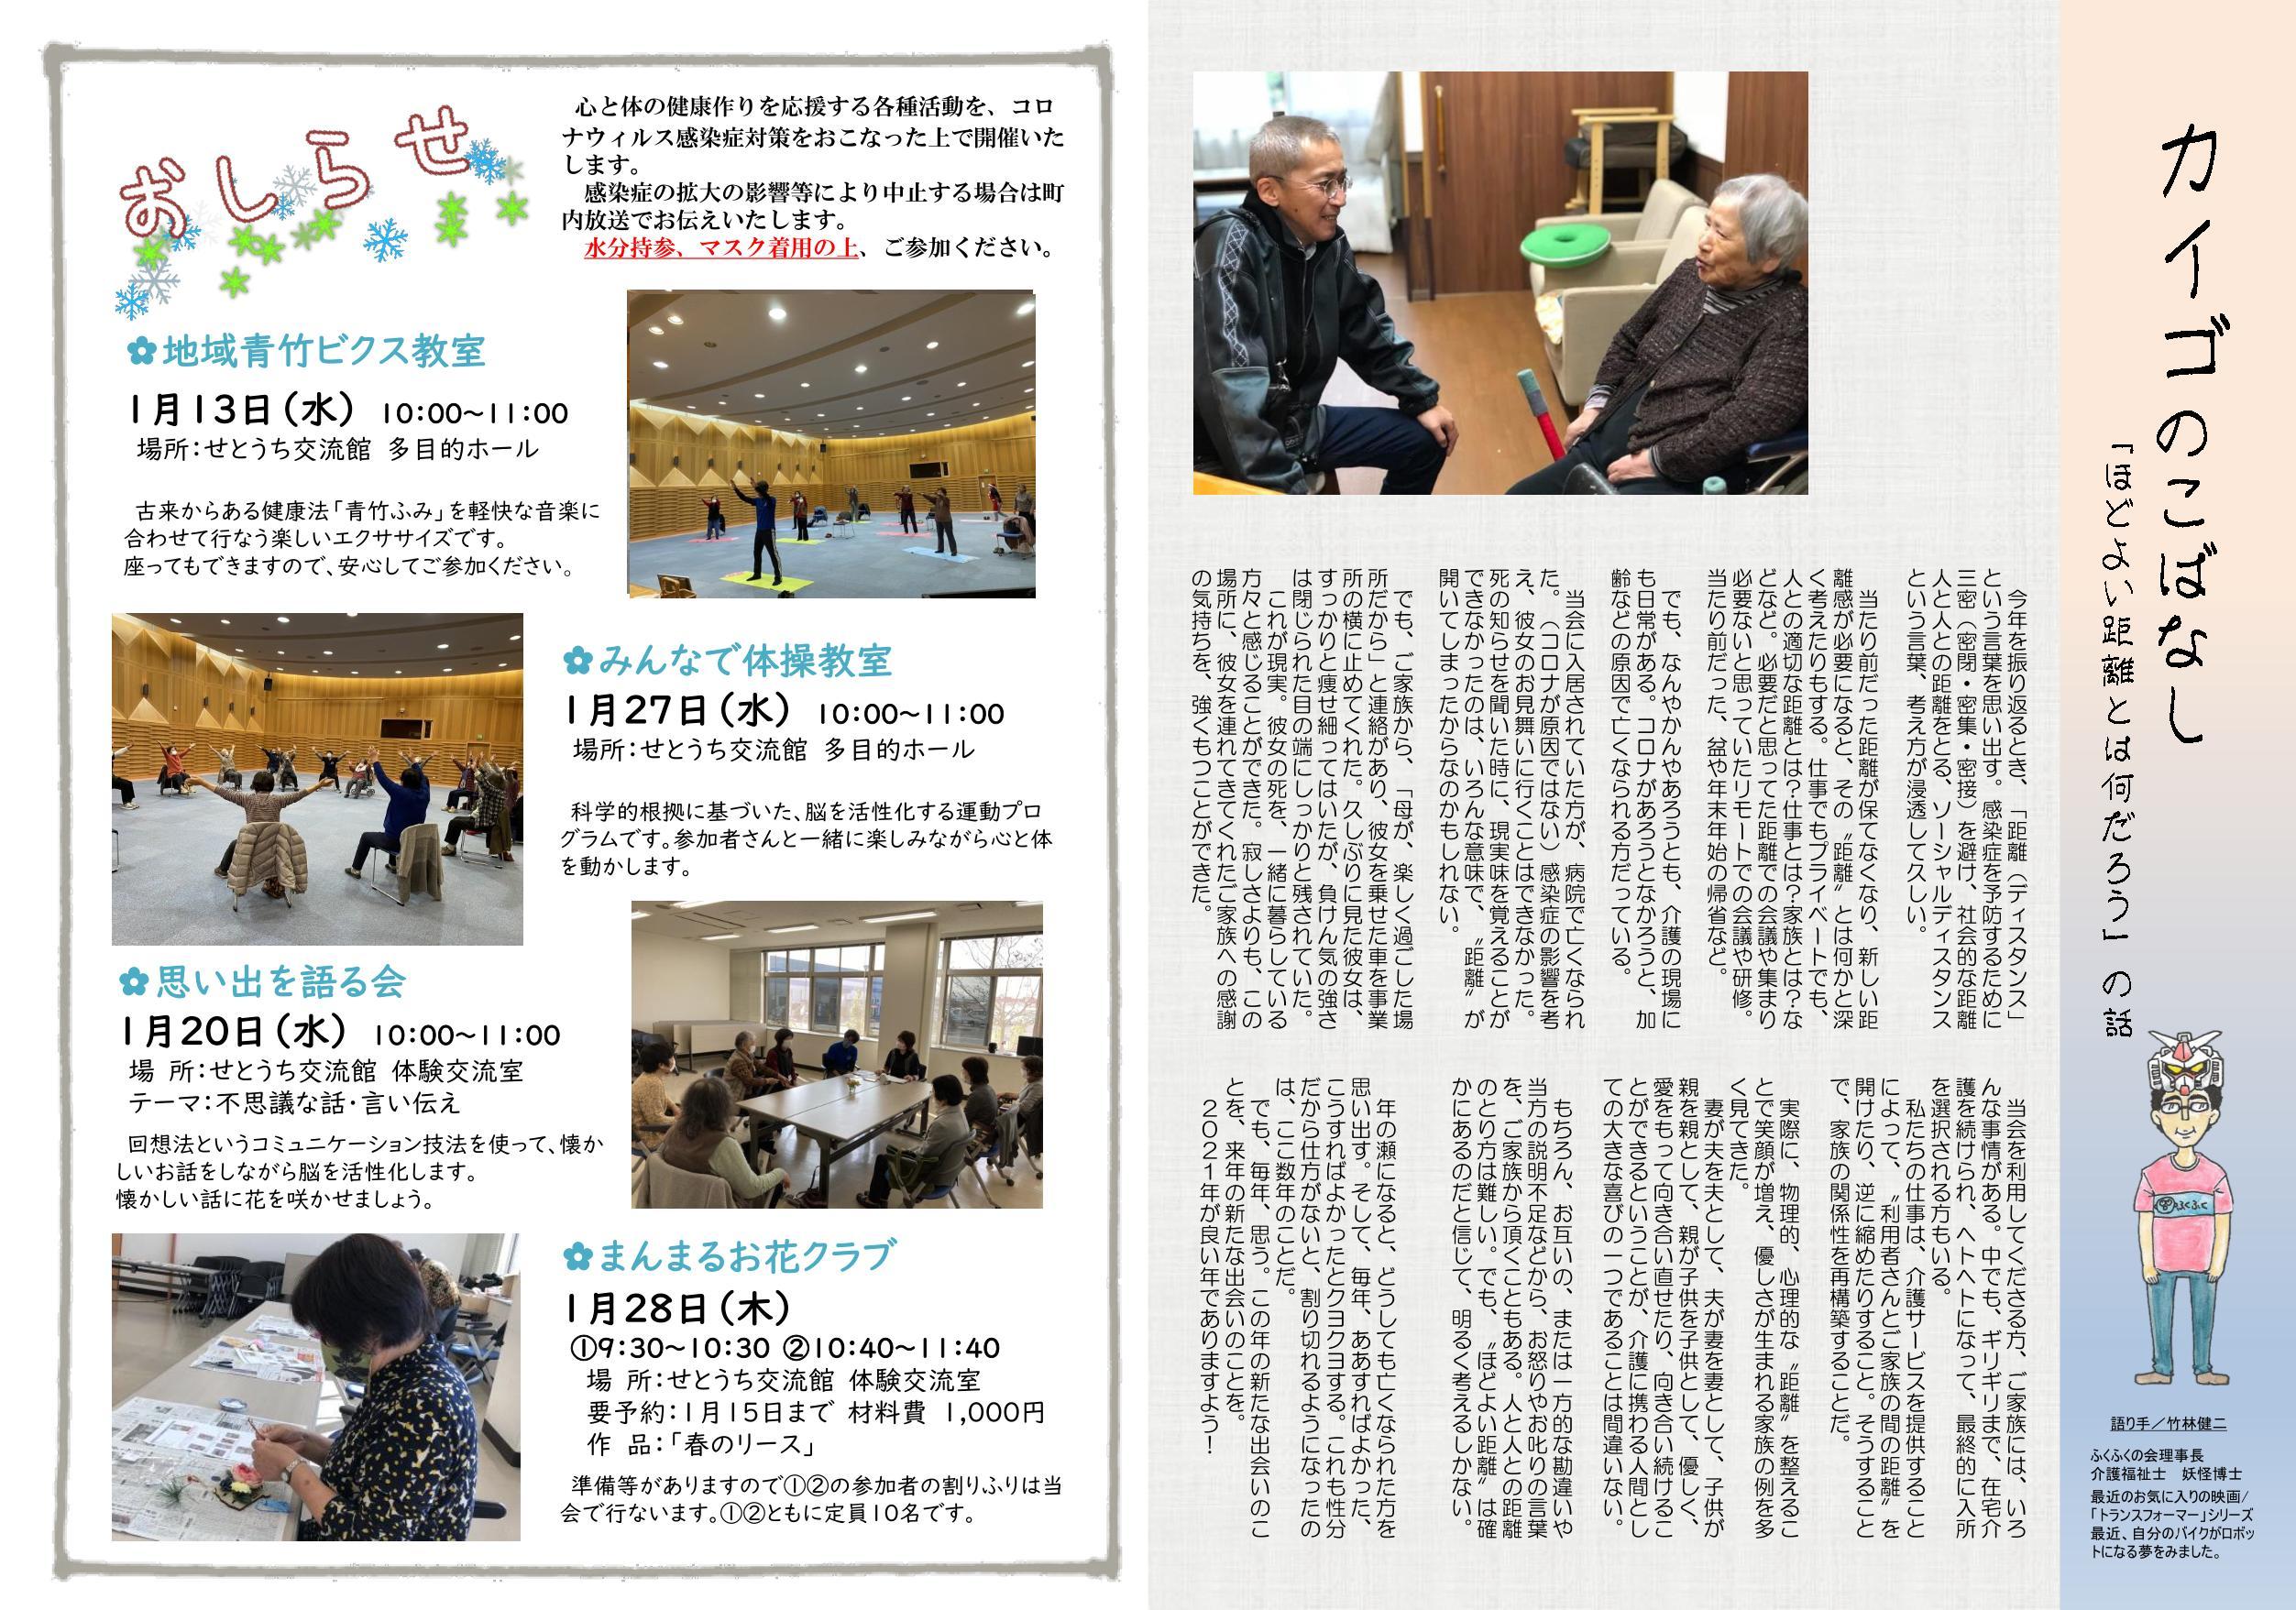 http://fukufukunokai.com/newsletter/images/12%E6%9C%88%E5%8F%B7_cropped_4336.jpeg